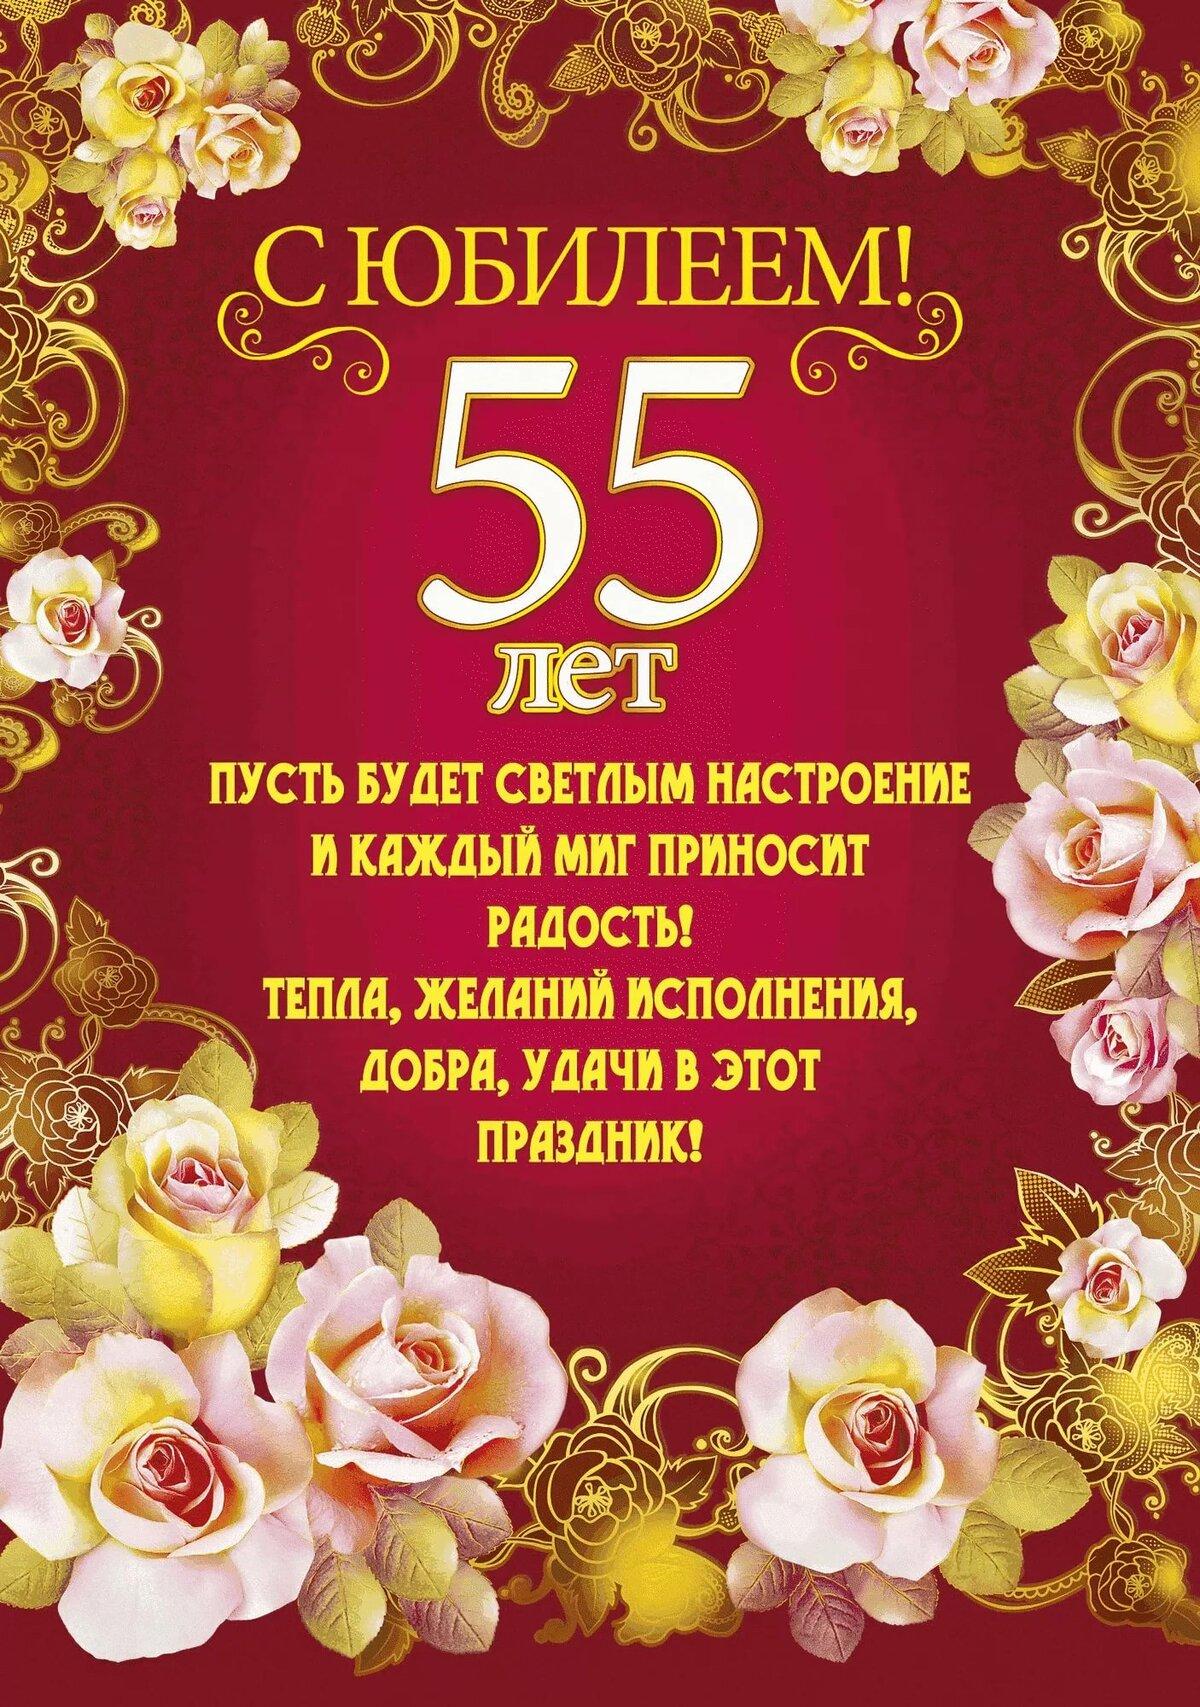 Поздравление для сестры 55 лет от сестры